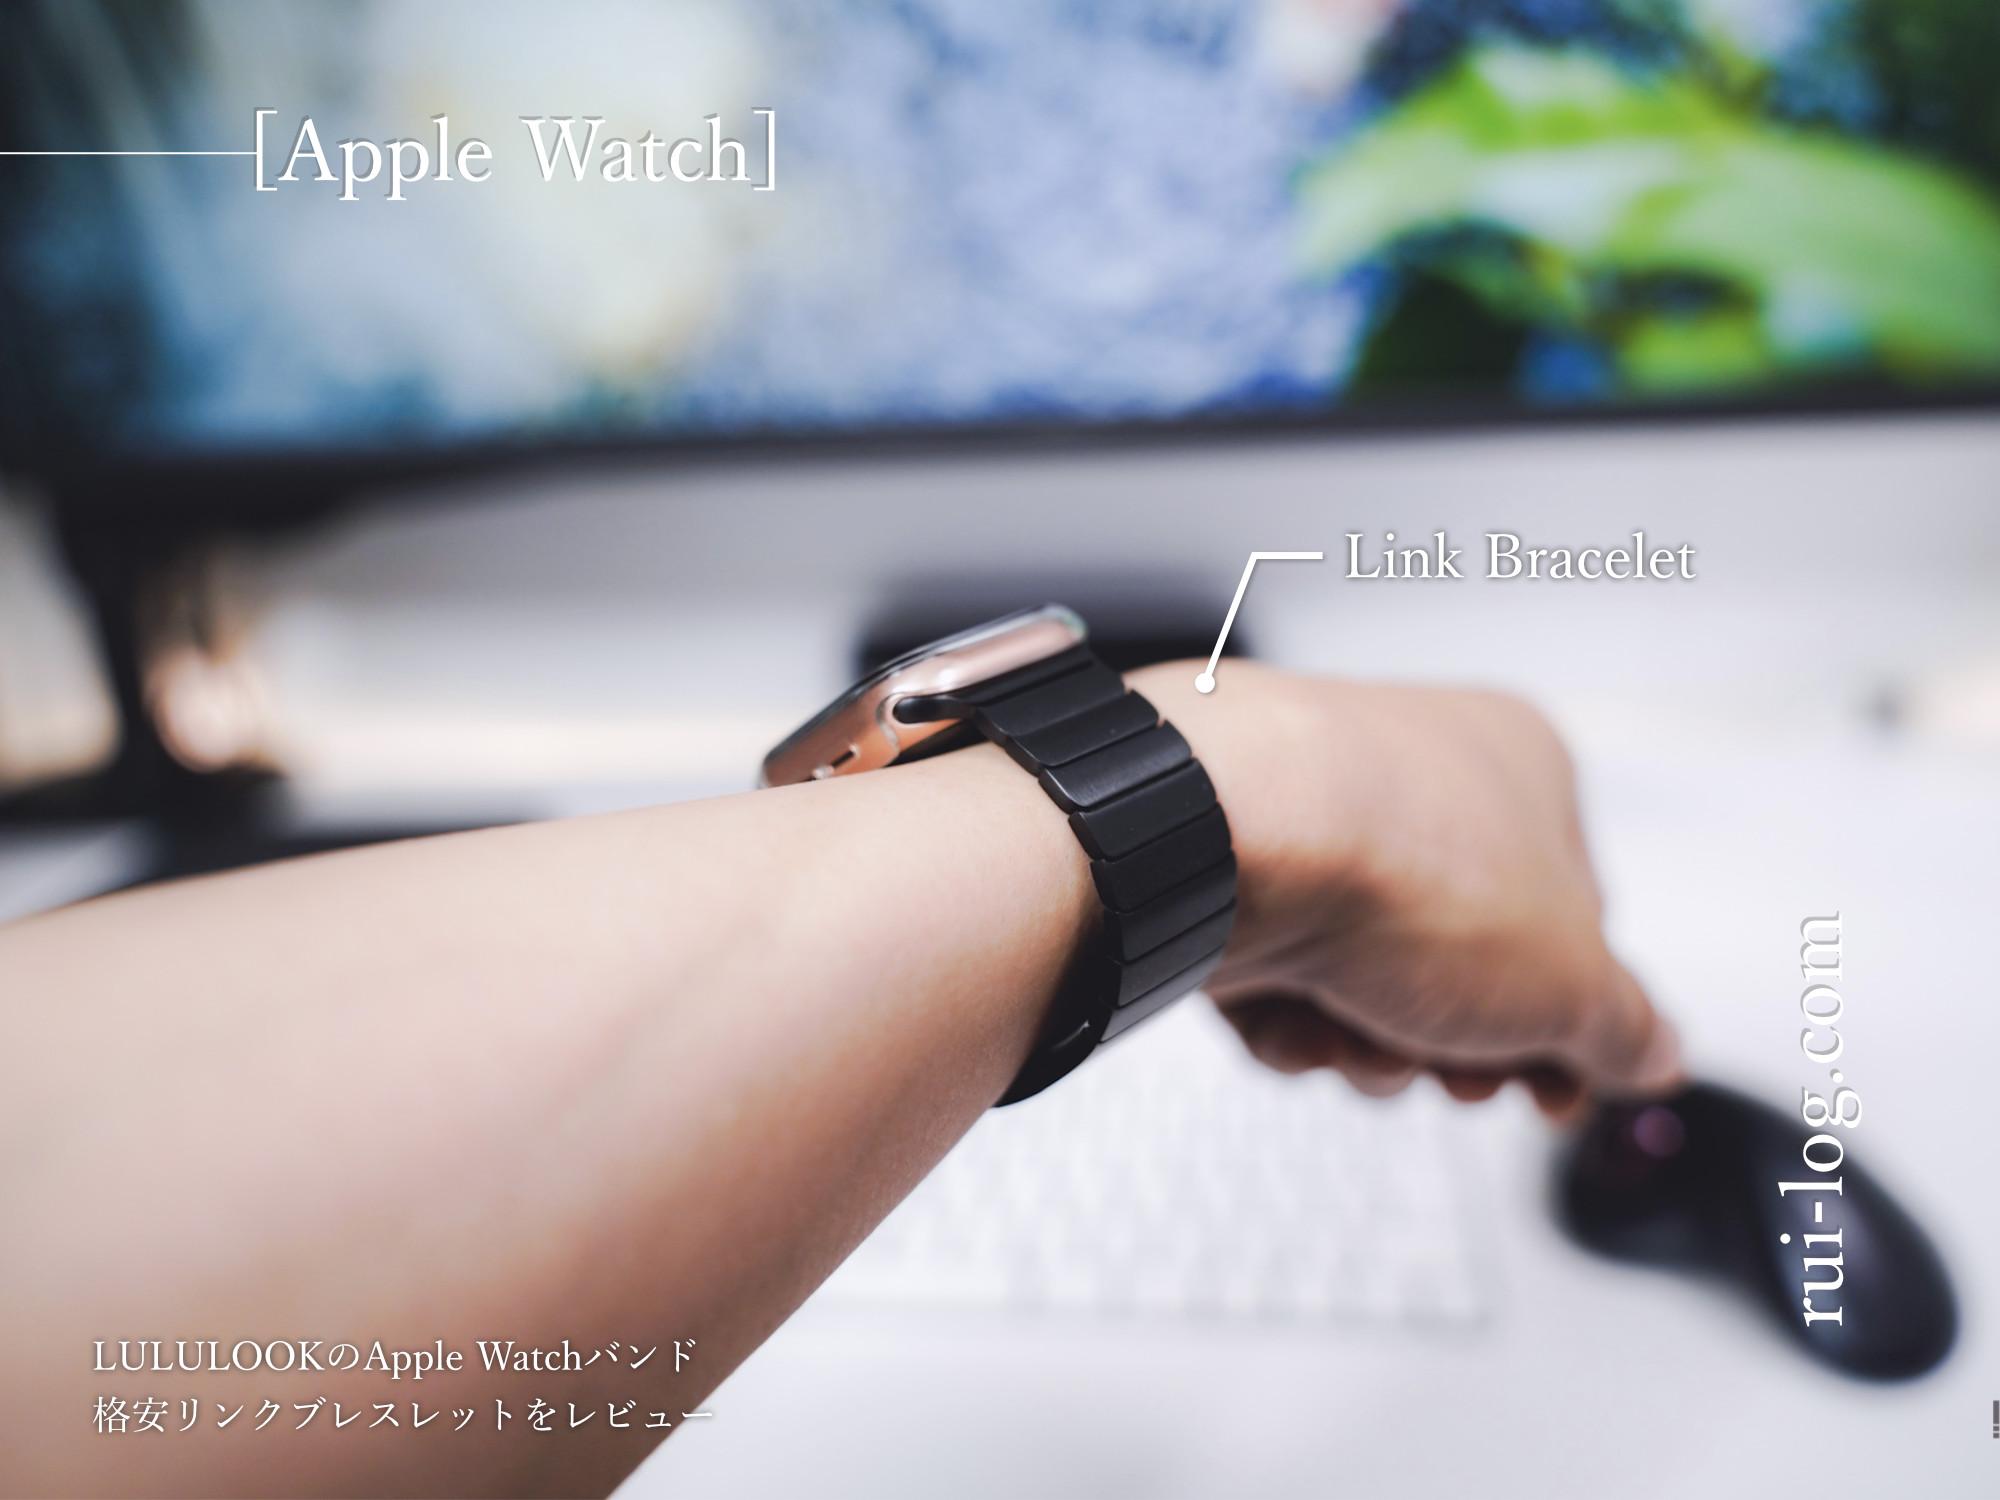 LULULOOKのApple Watchバンド格安リンクブレスレットをルイログがレビュー